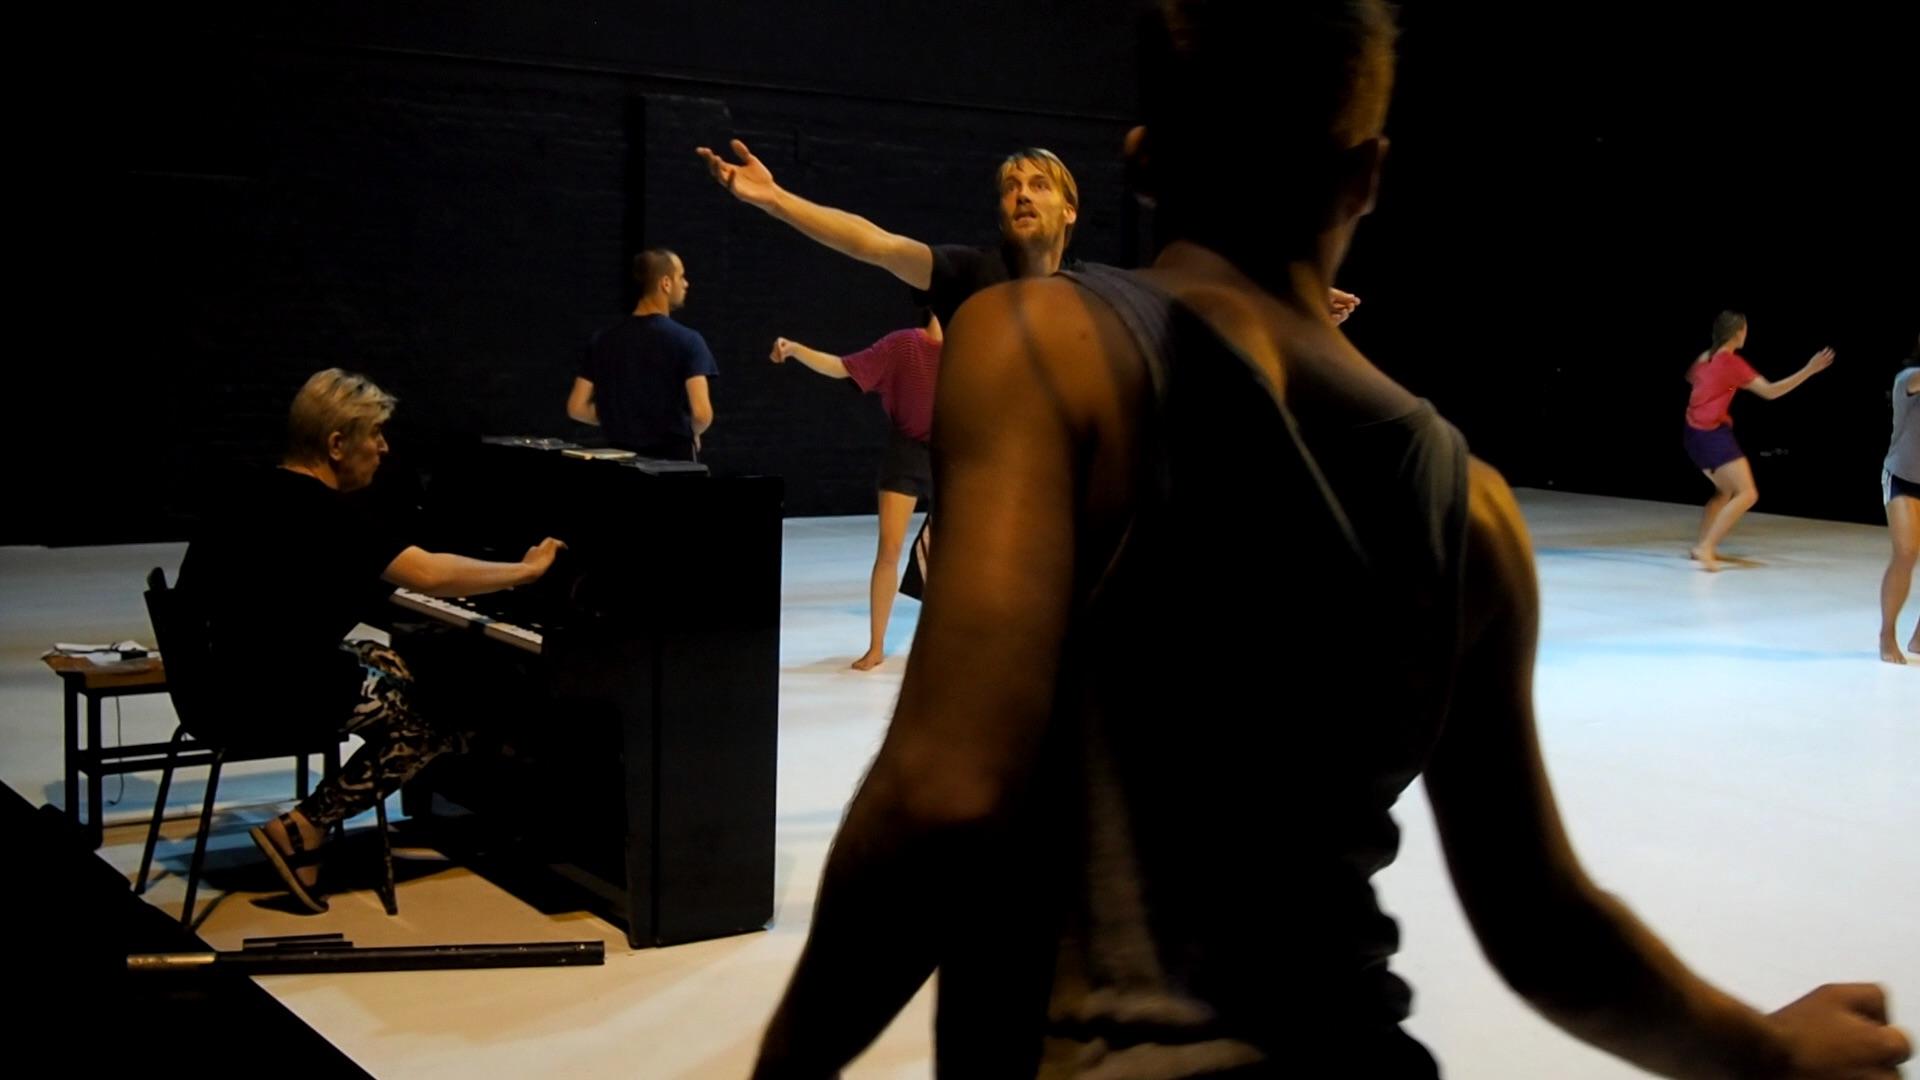 Danse_WEG-Ayelen Parolin_c_stephane.broc_charleroi danse_theatre les tanneurs_bruxelles_szenik